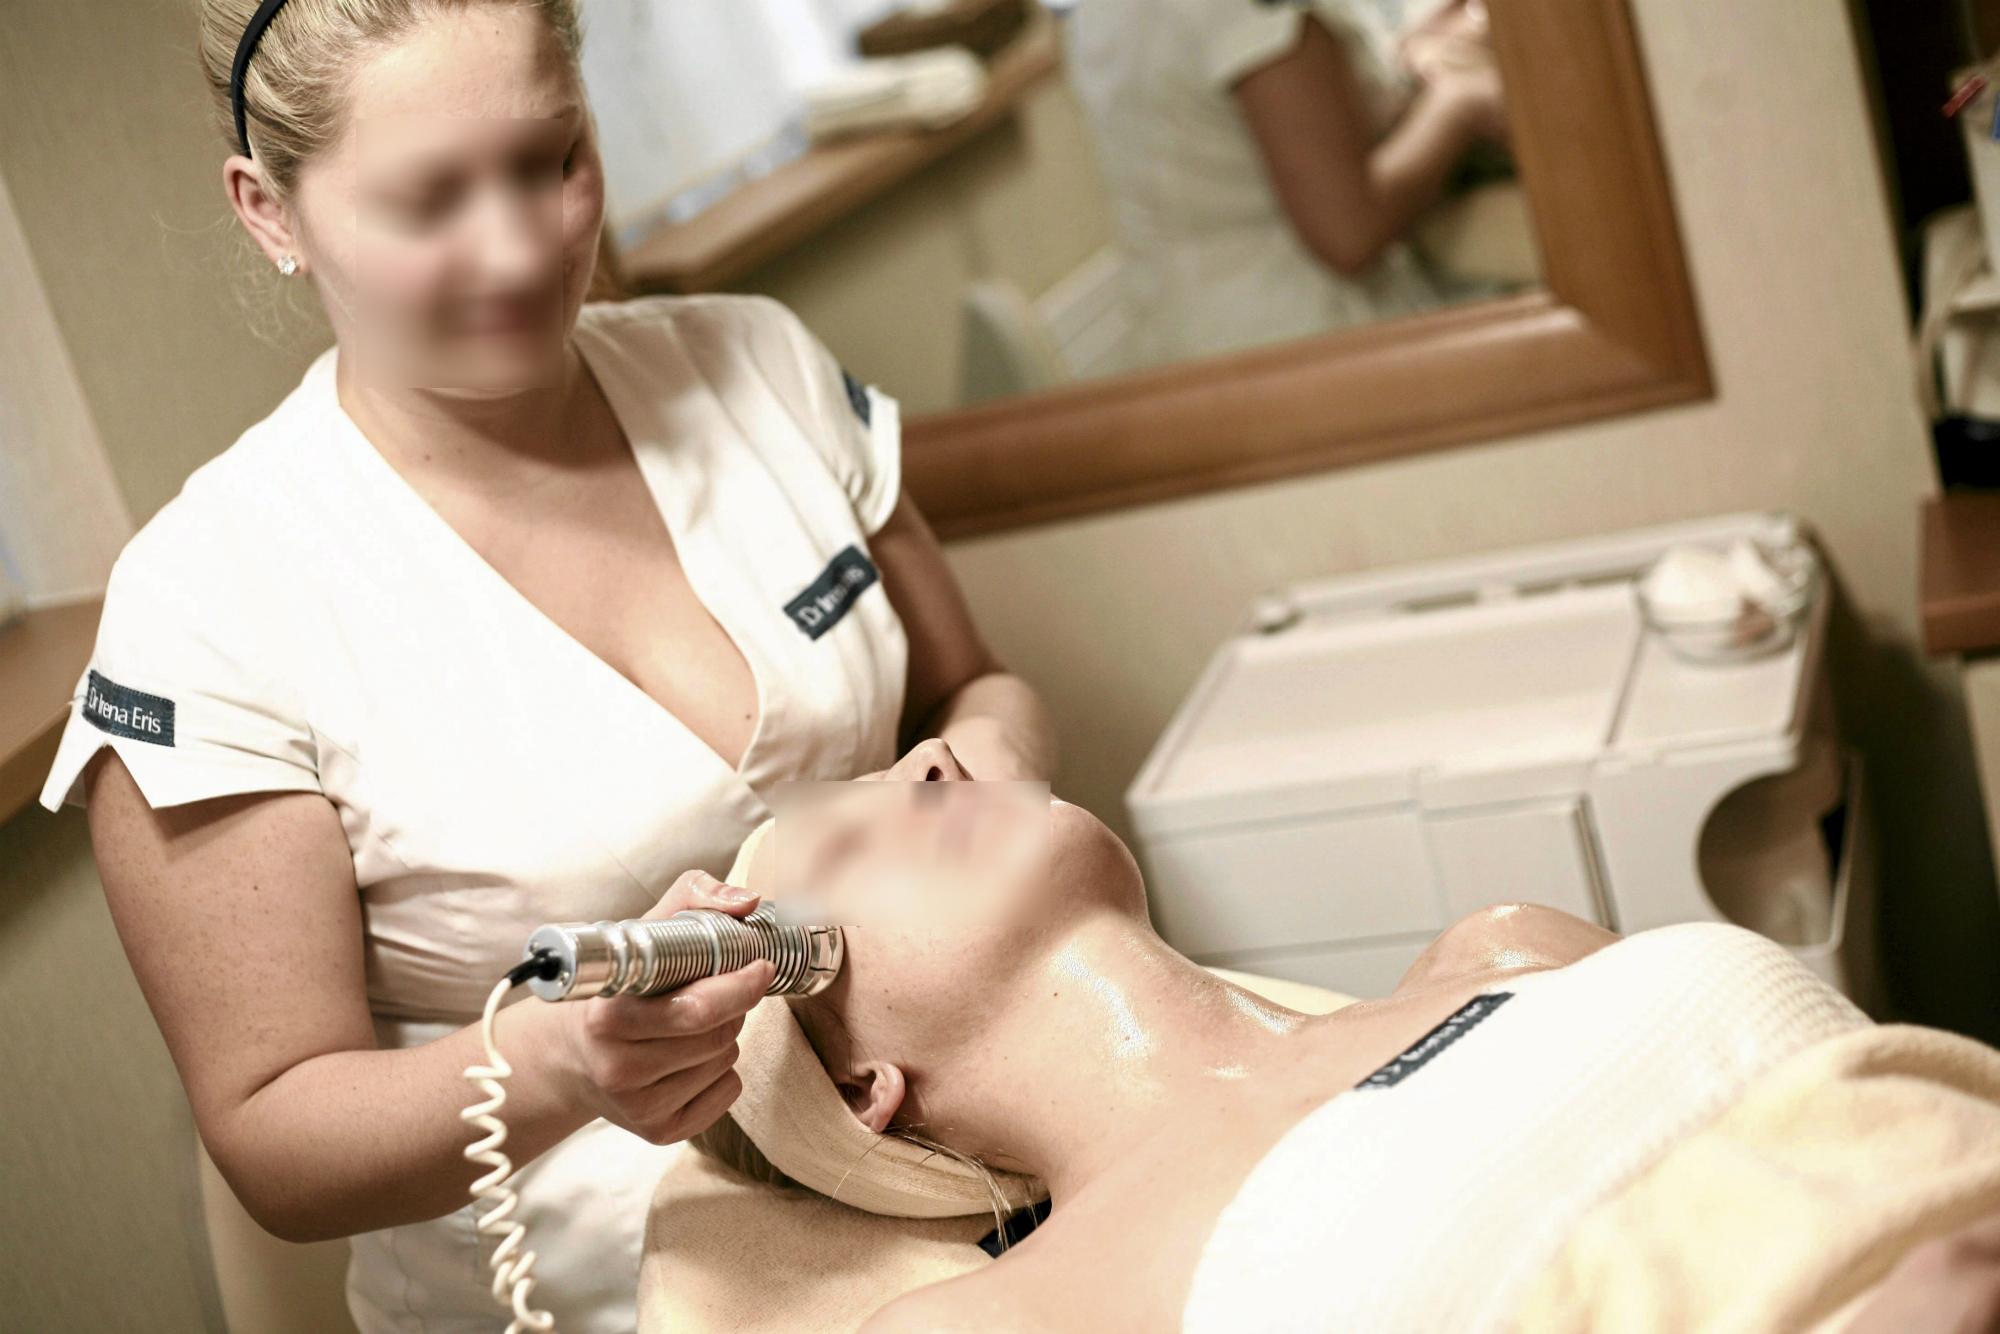 Zabieg pielęgnacyjny na twarz (fot: Krzysztof Koch/ Agencja Gazeta)